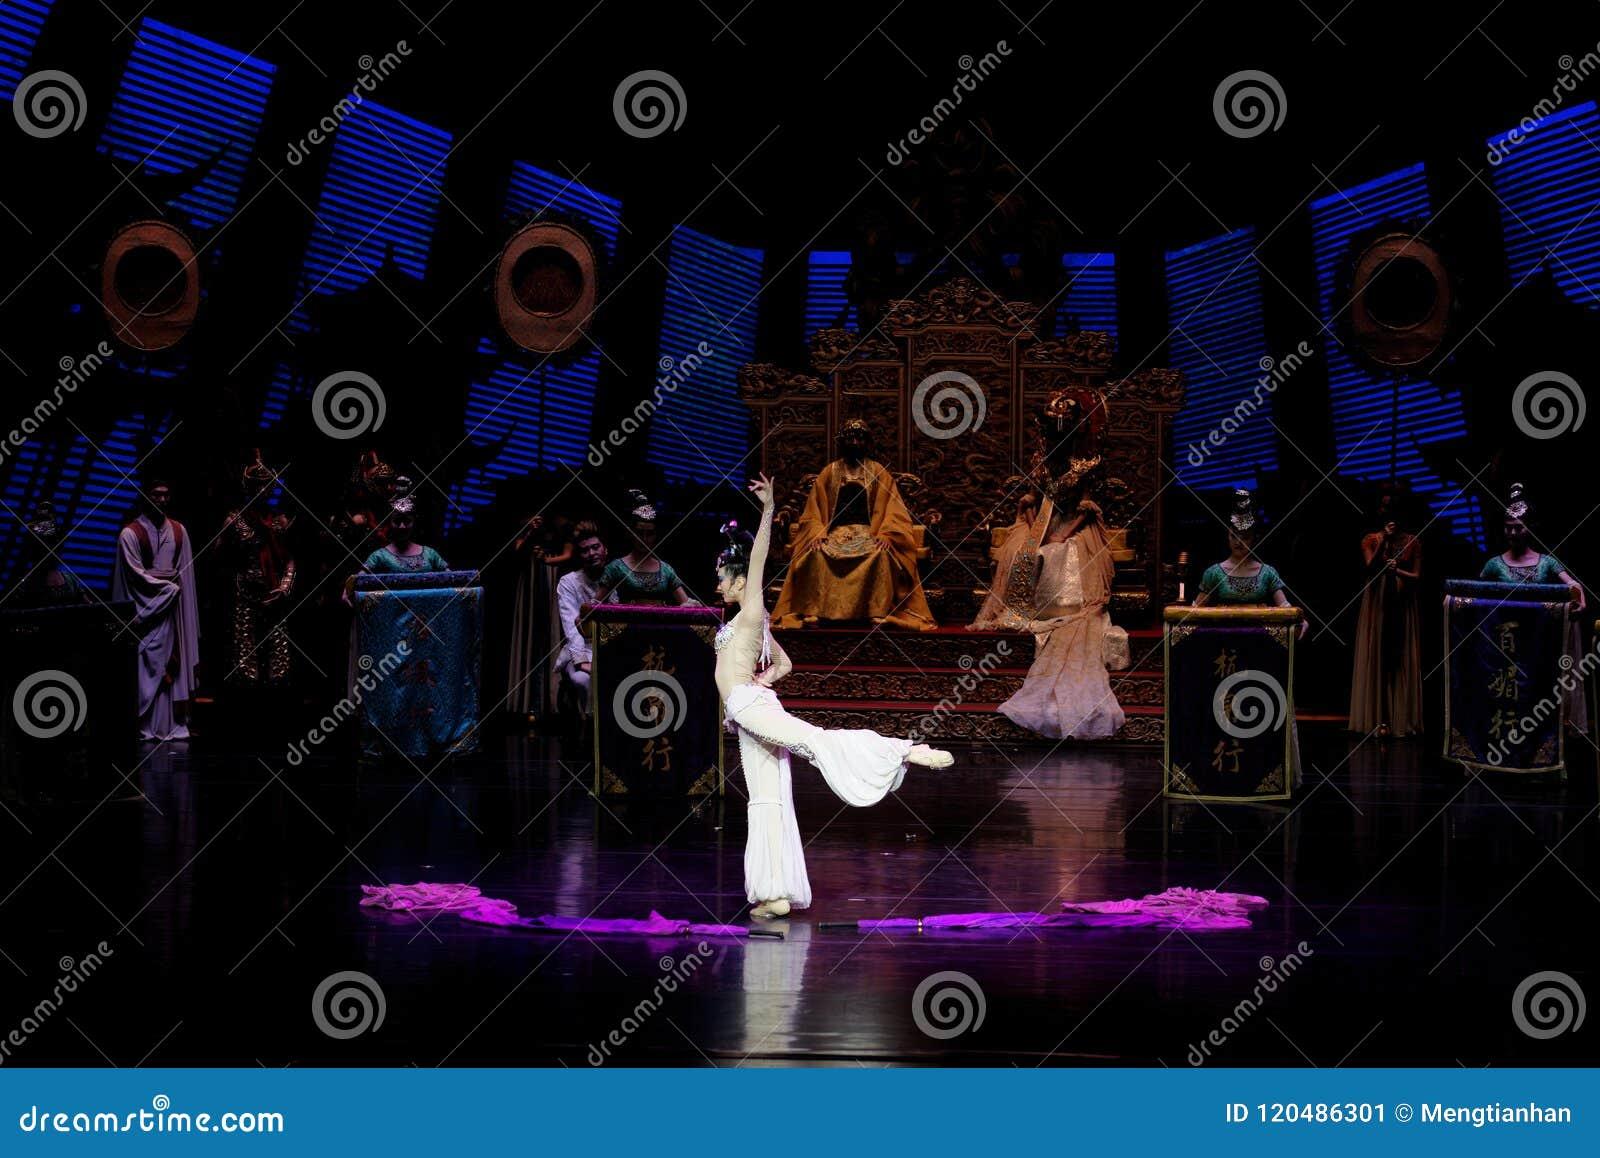 Το μακροχρόνιο sleeved δικαστήριο χορεύει η 2-δεύτερη πράξη: μια γιορτή στην πριγκήπισσα ` μεταξιού δράματος ` χορού παλάτι-έπους